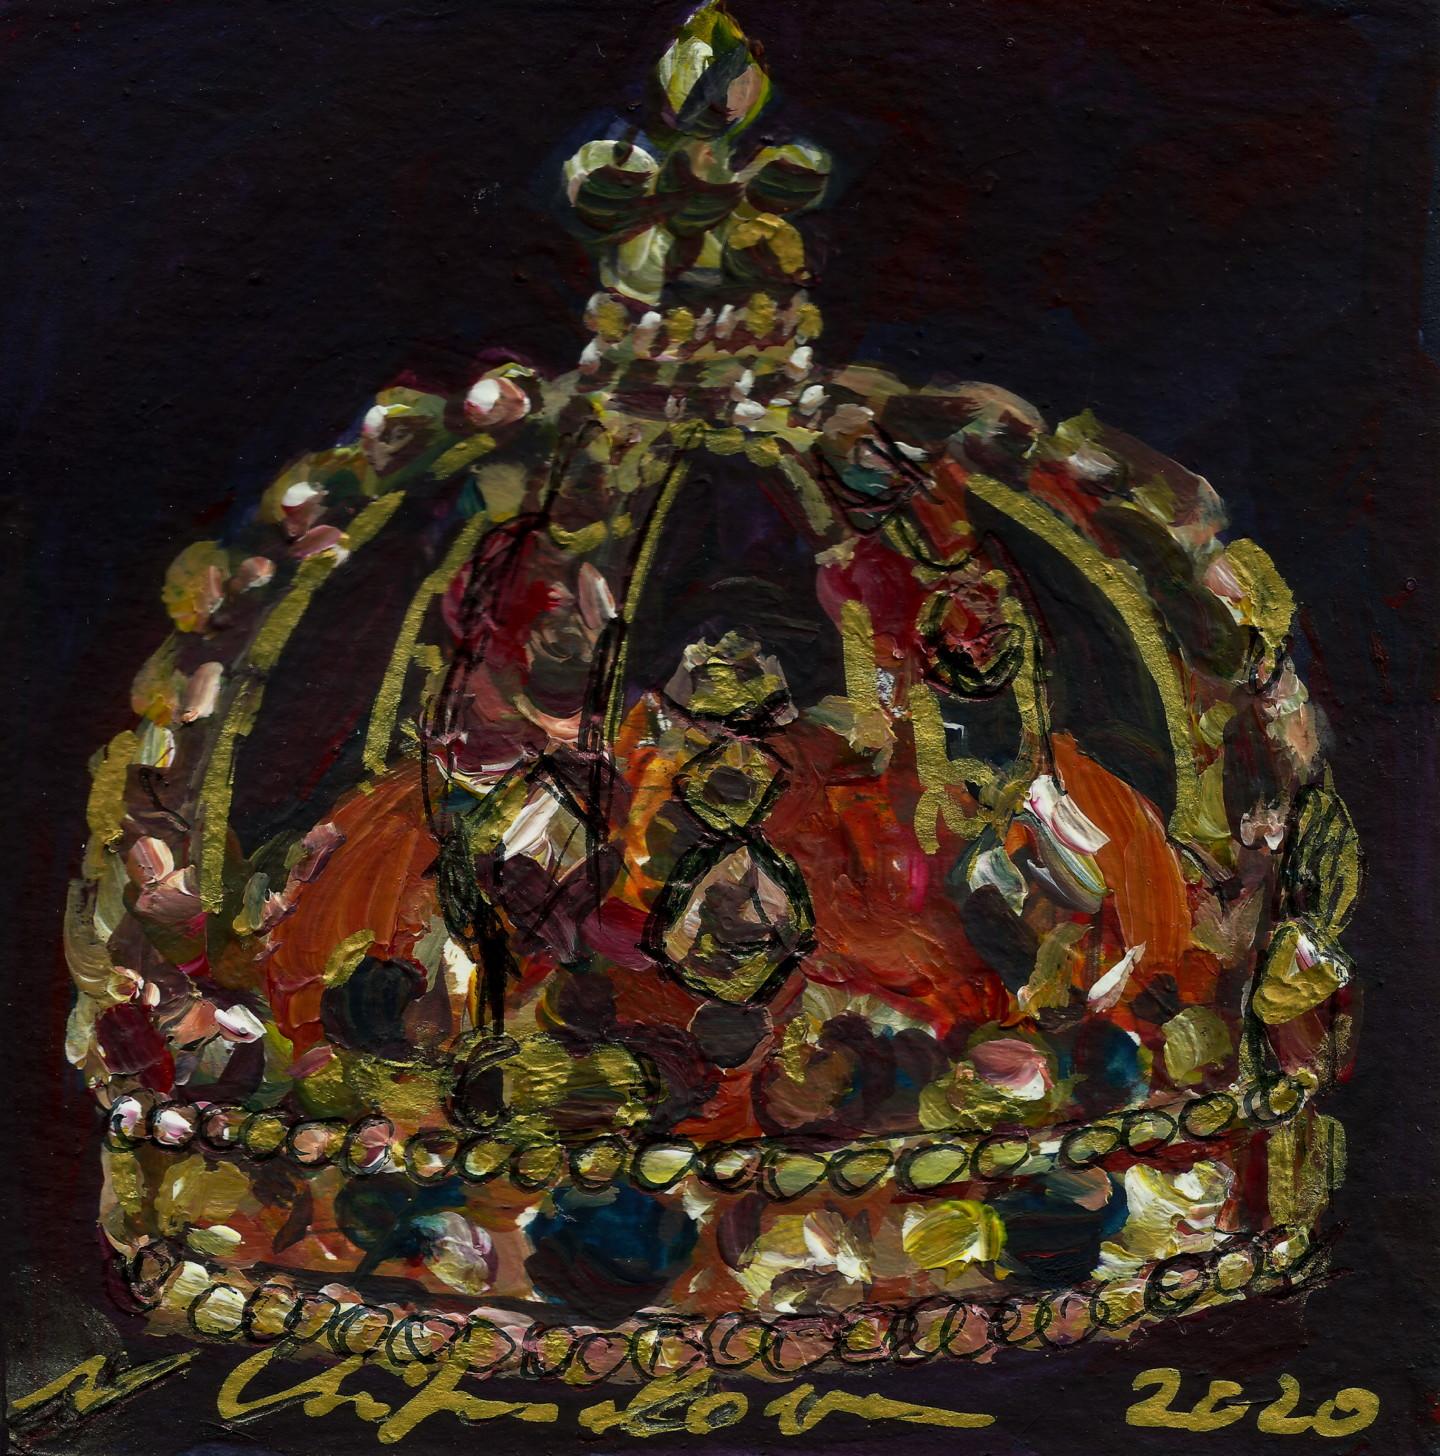 Nath Chipilova (Atelier NN art store) - Couronne de Louis 15